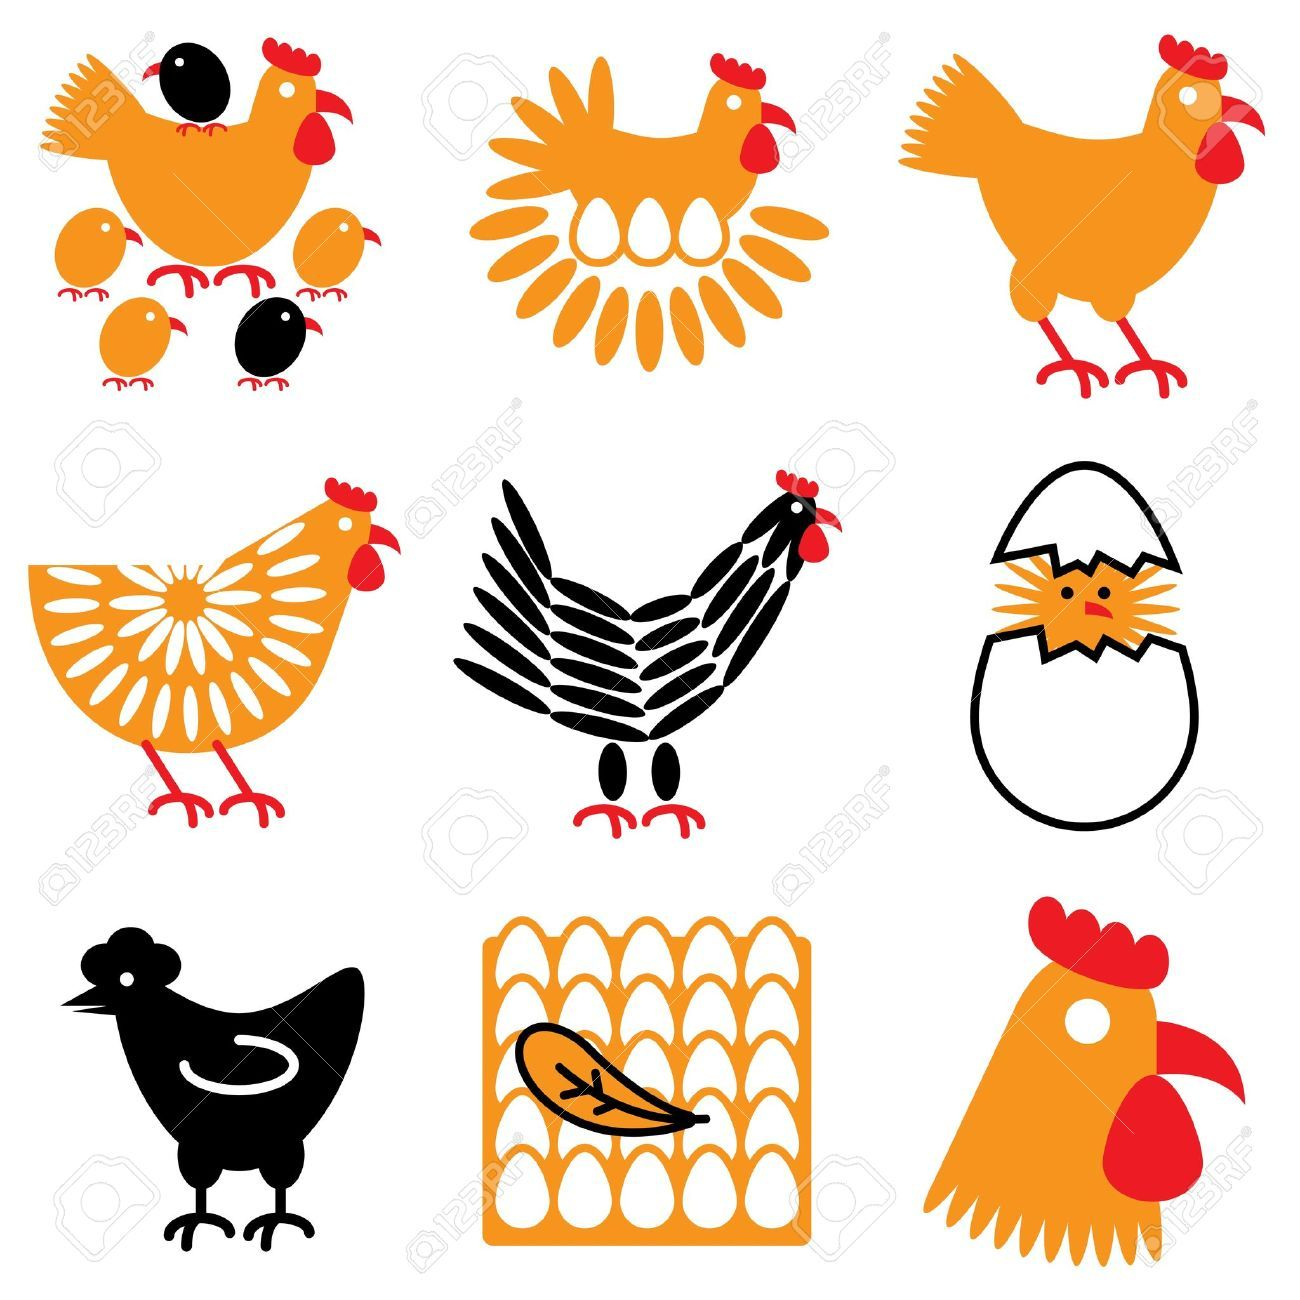 Stock Vector in 2020 Chicken icon, Halloween vector